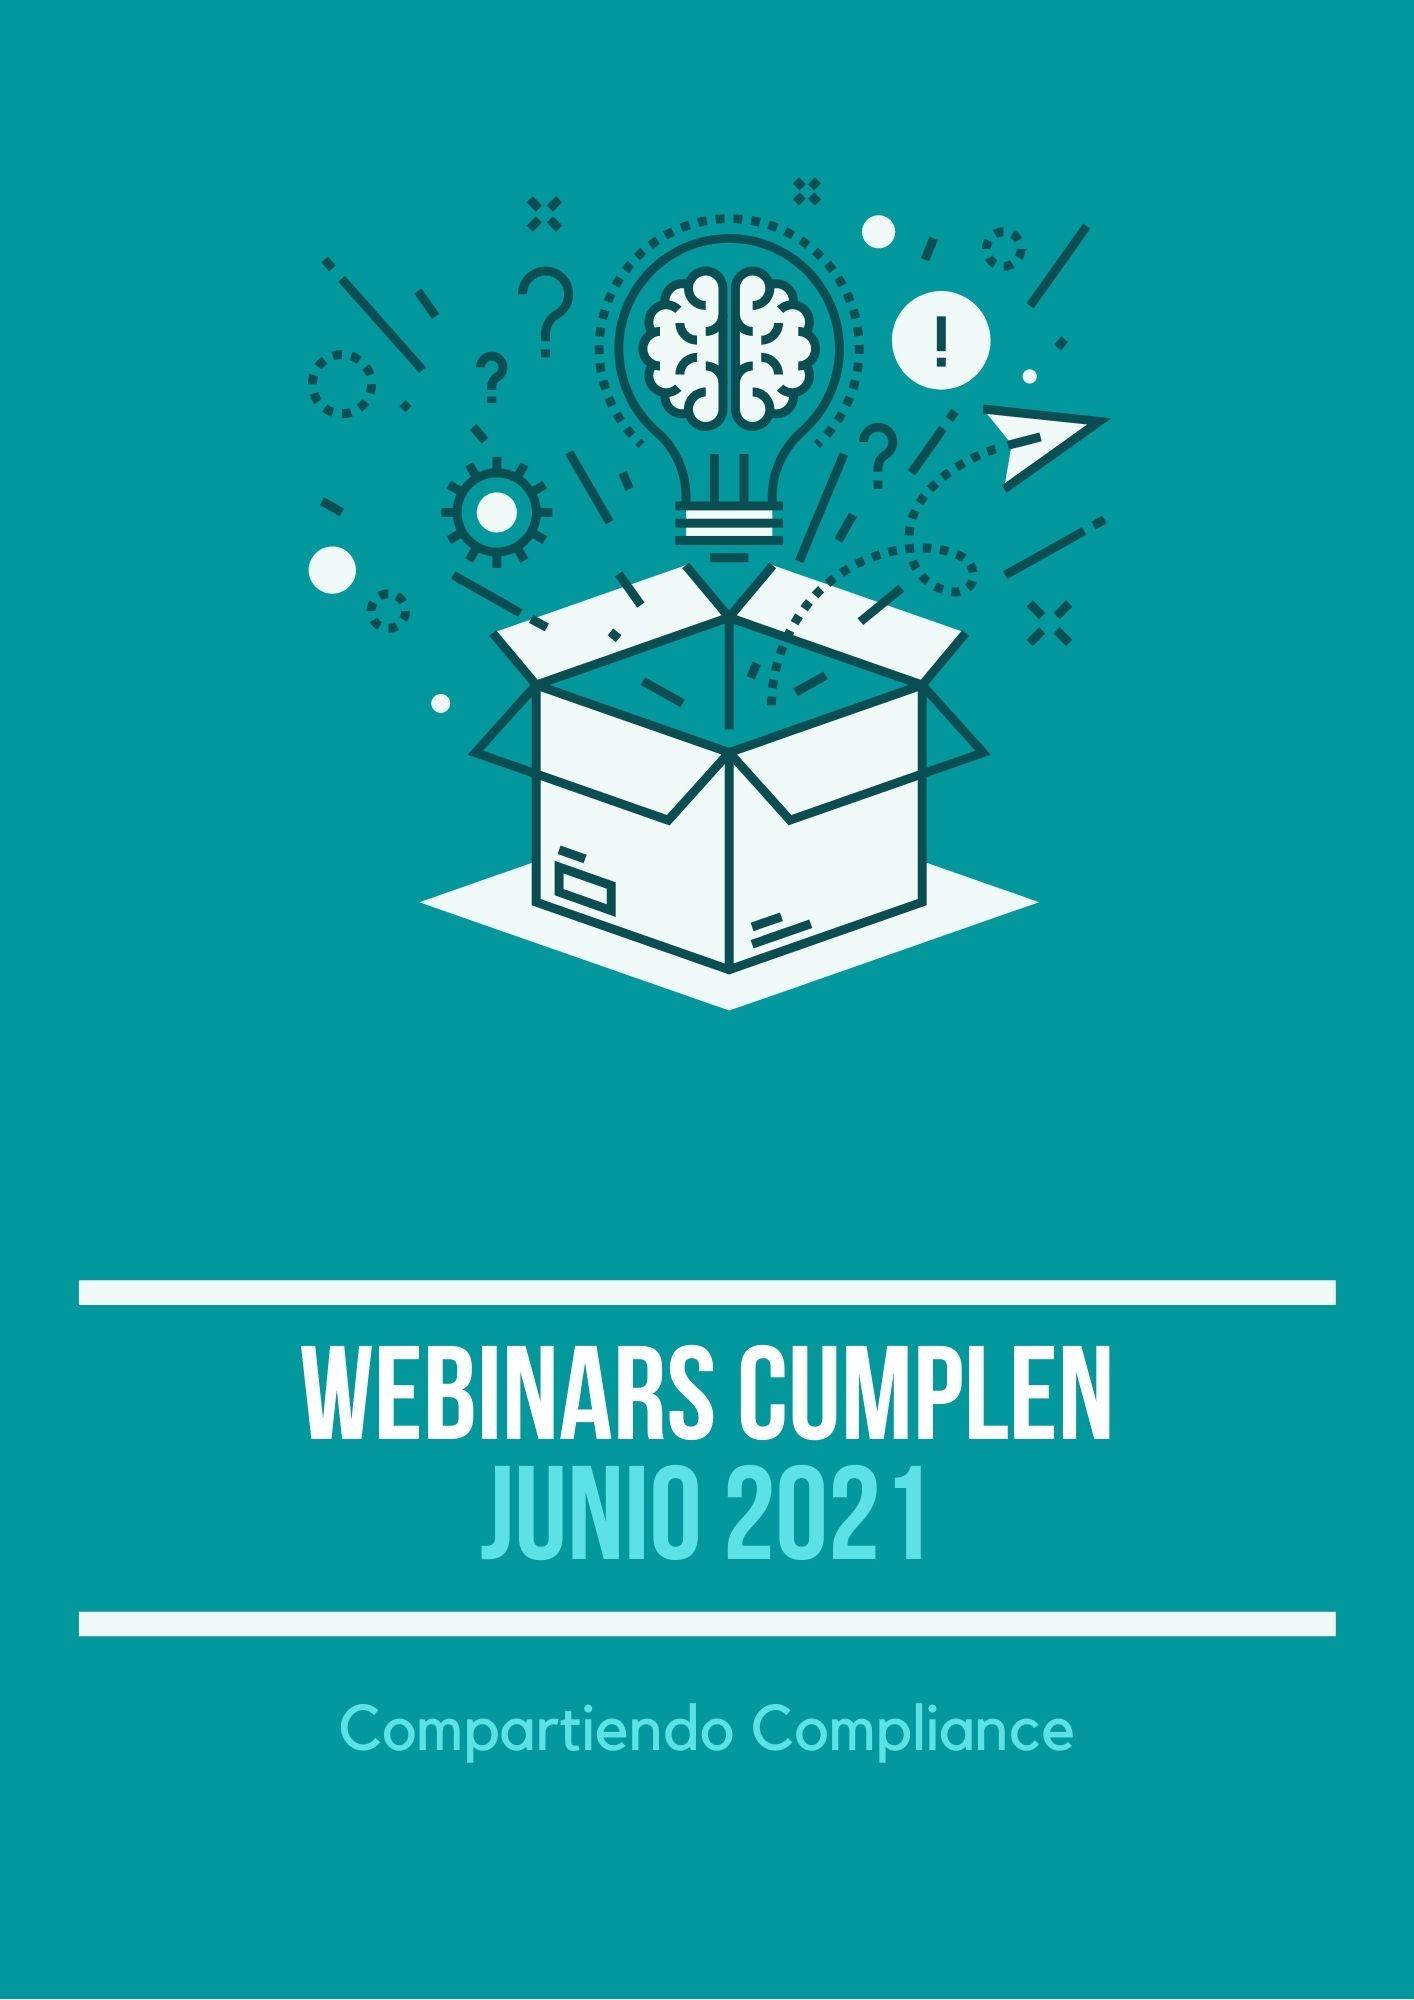 PROGRAMACIÓN WEBINARS CUMPLEN JUNIO